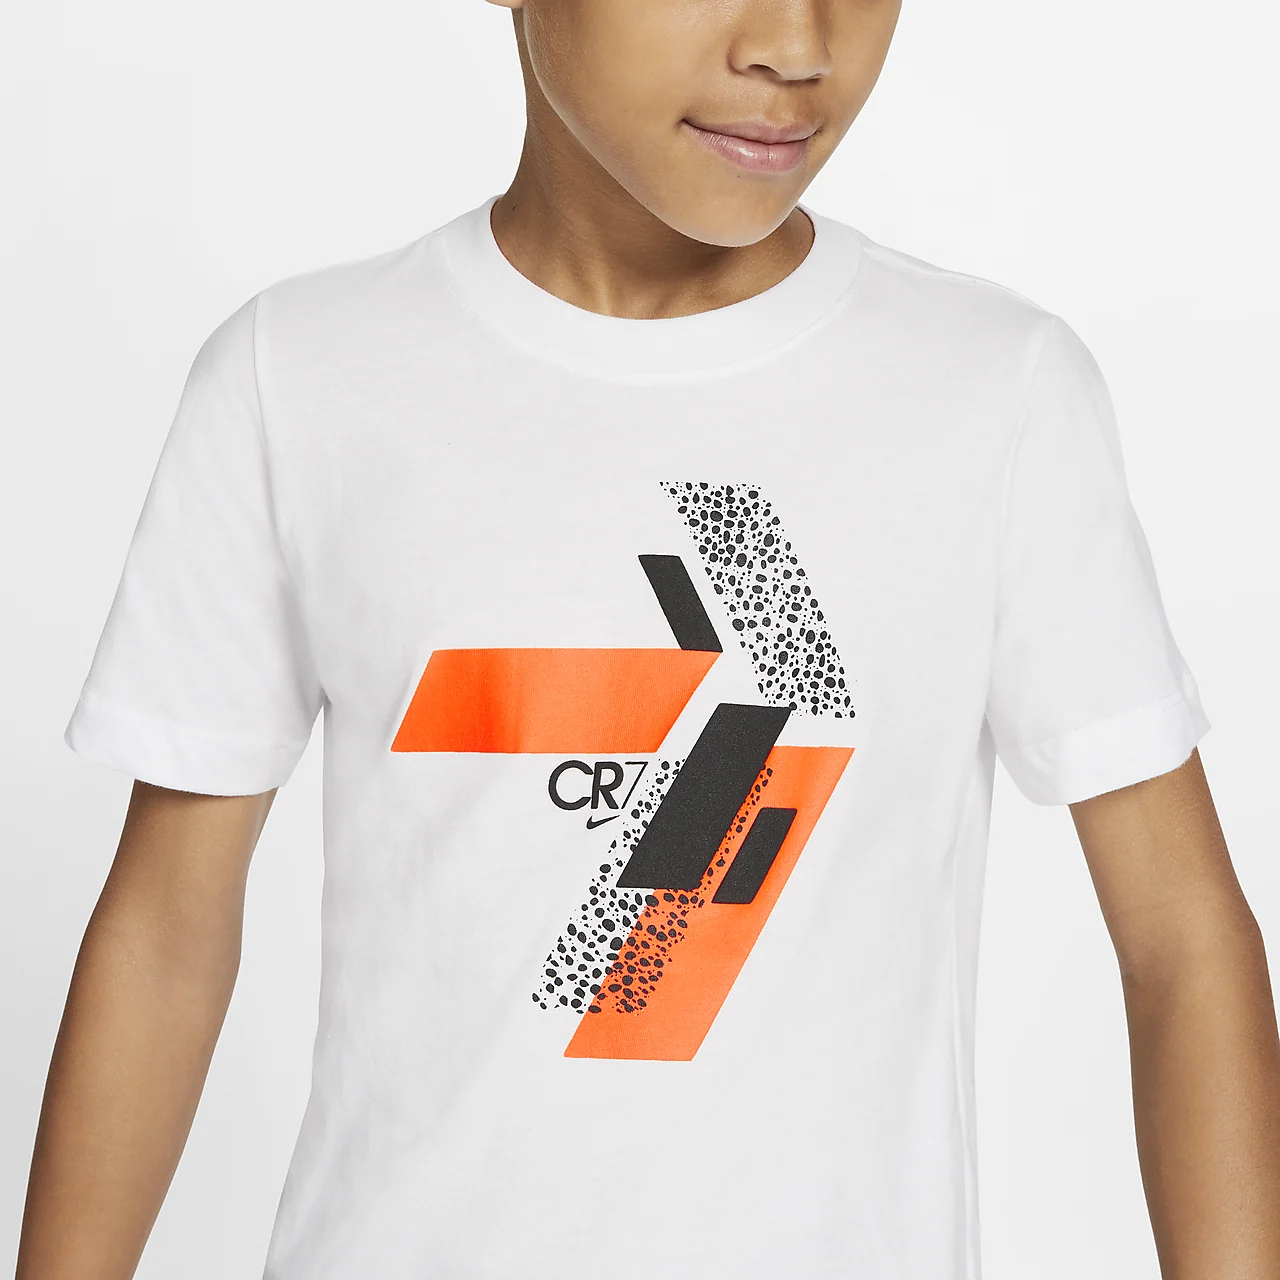 CR7 빅 키즈 축구 티셔츠 CU9572-100